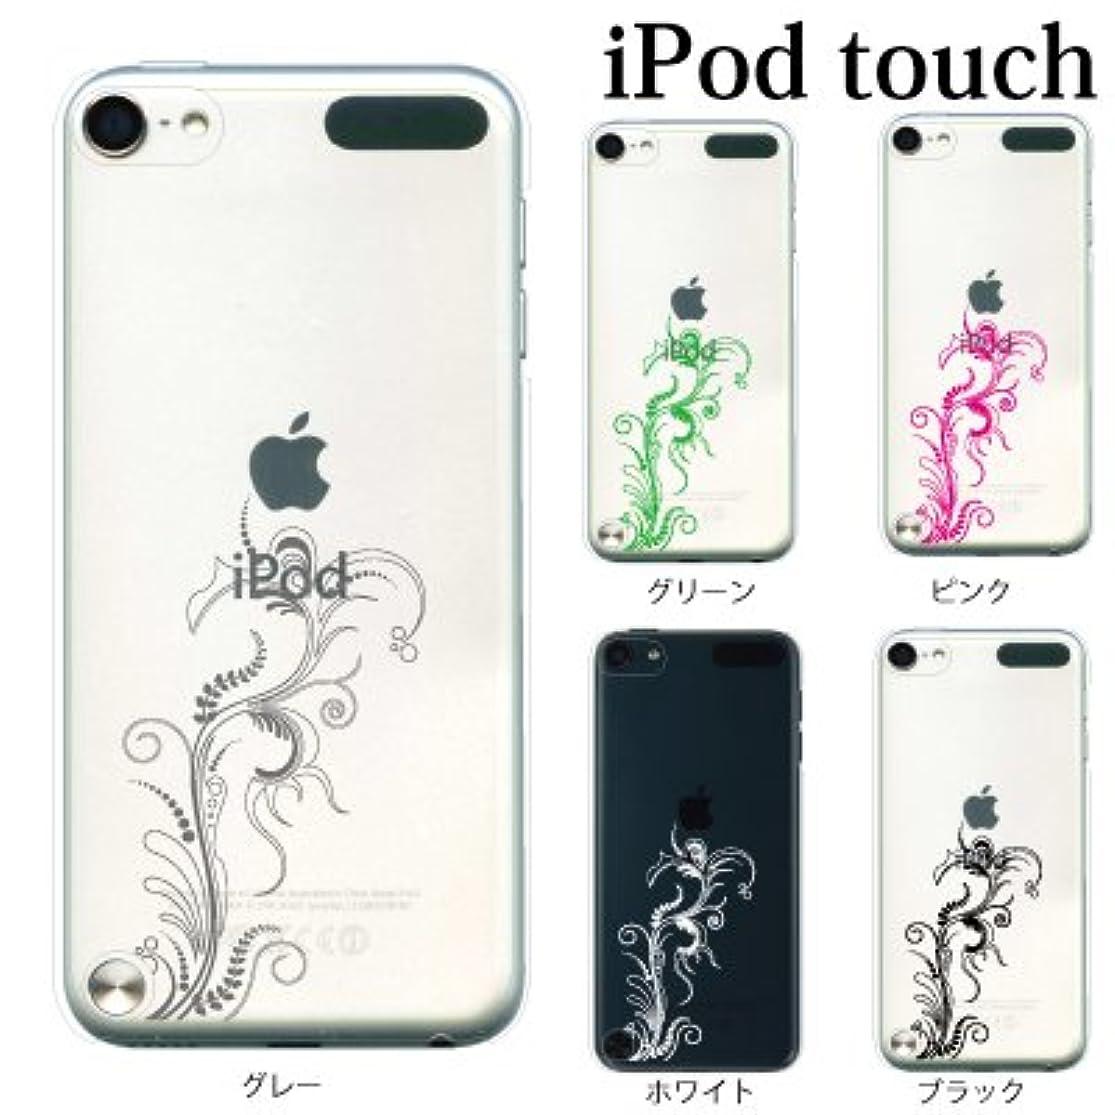 世紀衝動ぐったりPlus-S iPod touch 第6?第7世代 ケース アーティスティック 植物のツル TYPE3 【ピンク】 ハードケース クリア 0182-PK